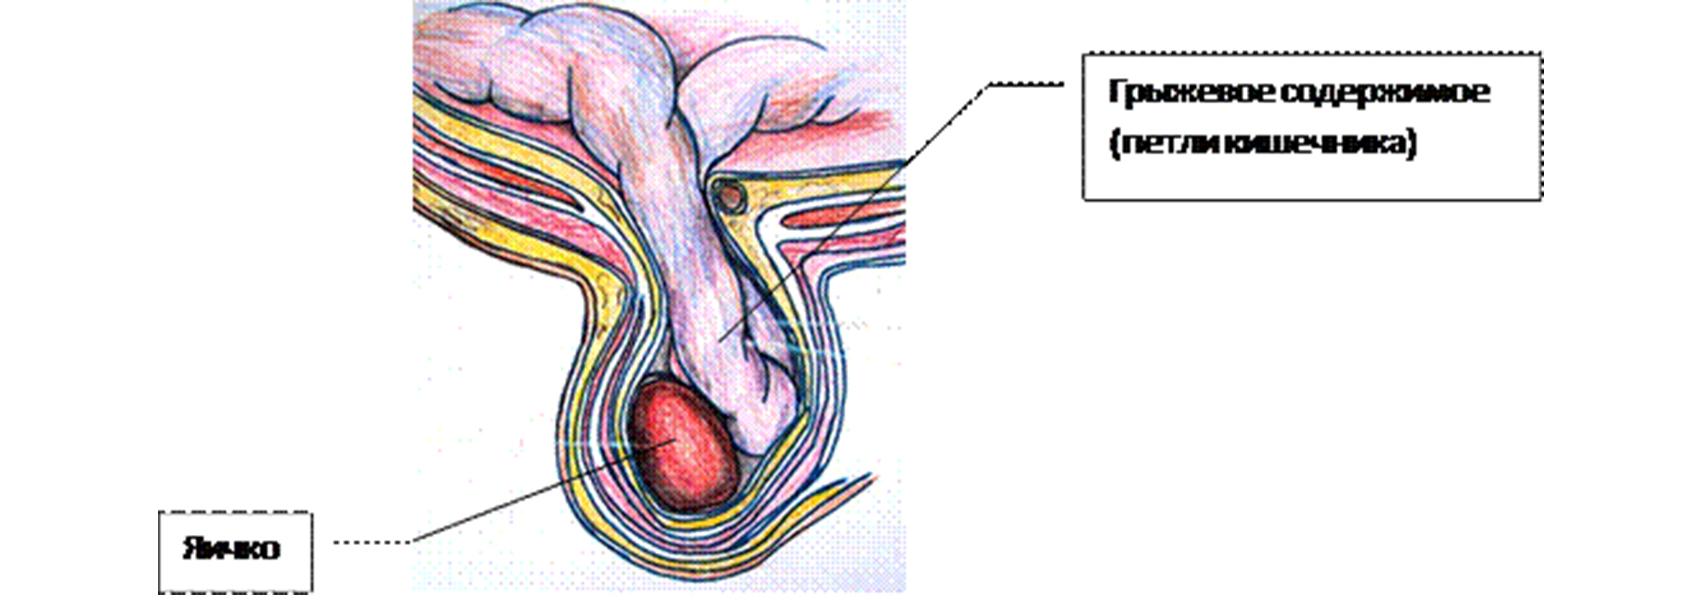 hogyan lehet erekciót emelni népi gyógymódokkal